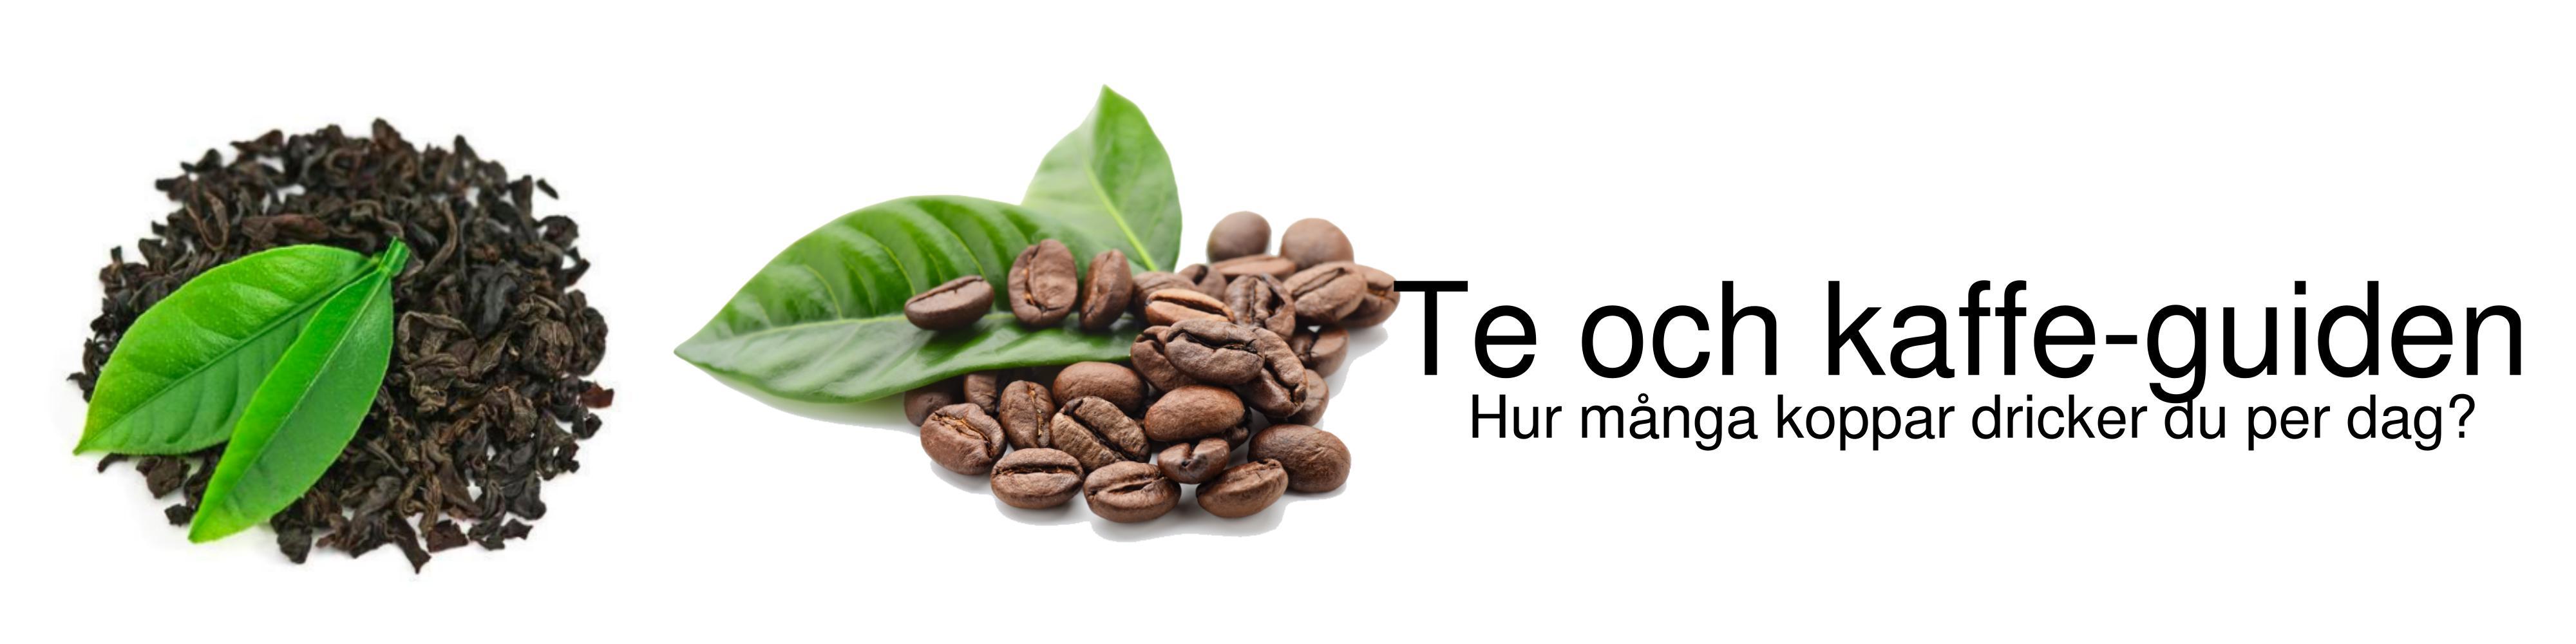 Teblogg & kaffeblogg: Läs de senaste nyheterna!